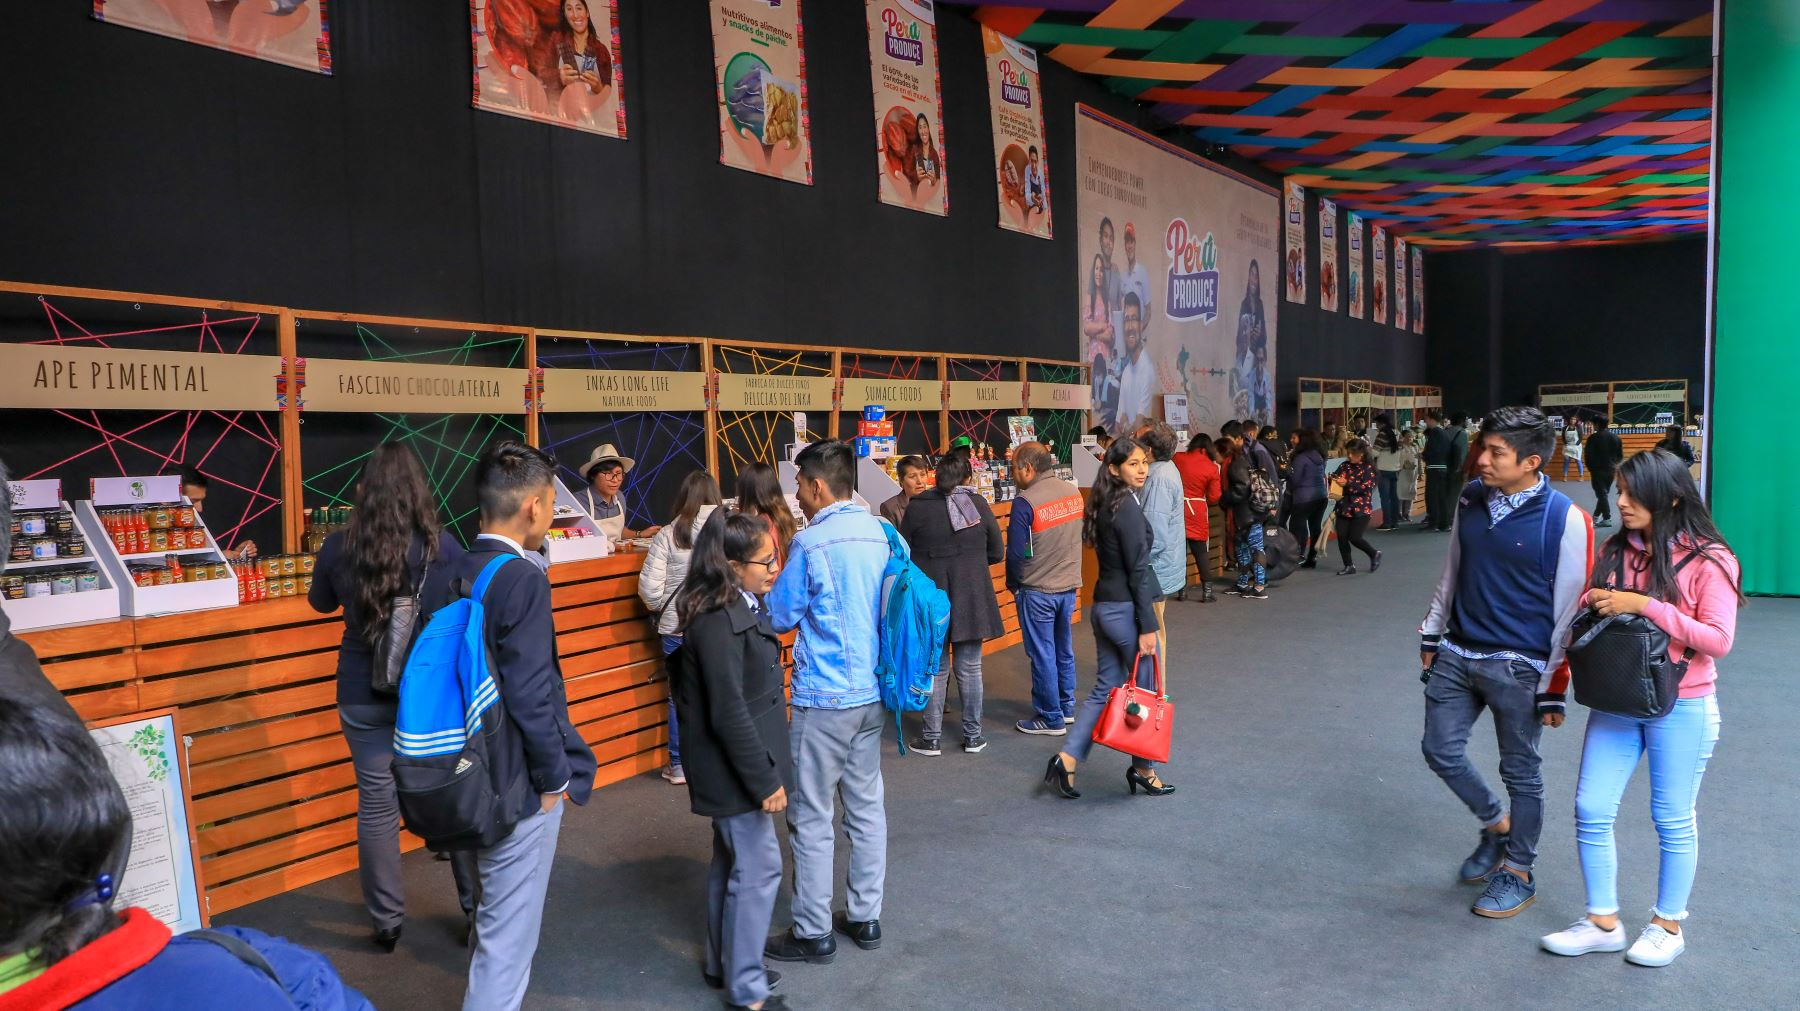 """Feria Perú Produce presenta a Mypes de 17 regiones que ofertan sus productos de agroindustria, manufactura y otros rubros, en la sede """"Culturaymi"""" de los Juegos Panamericanos y Parapanamericanos Lima 2019. Foto:ANDINA/ PRODUCE"""